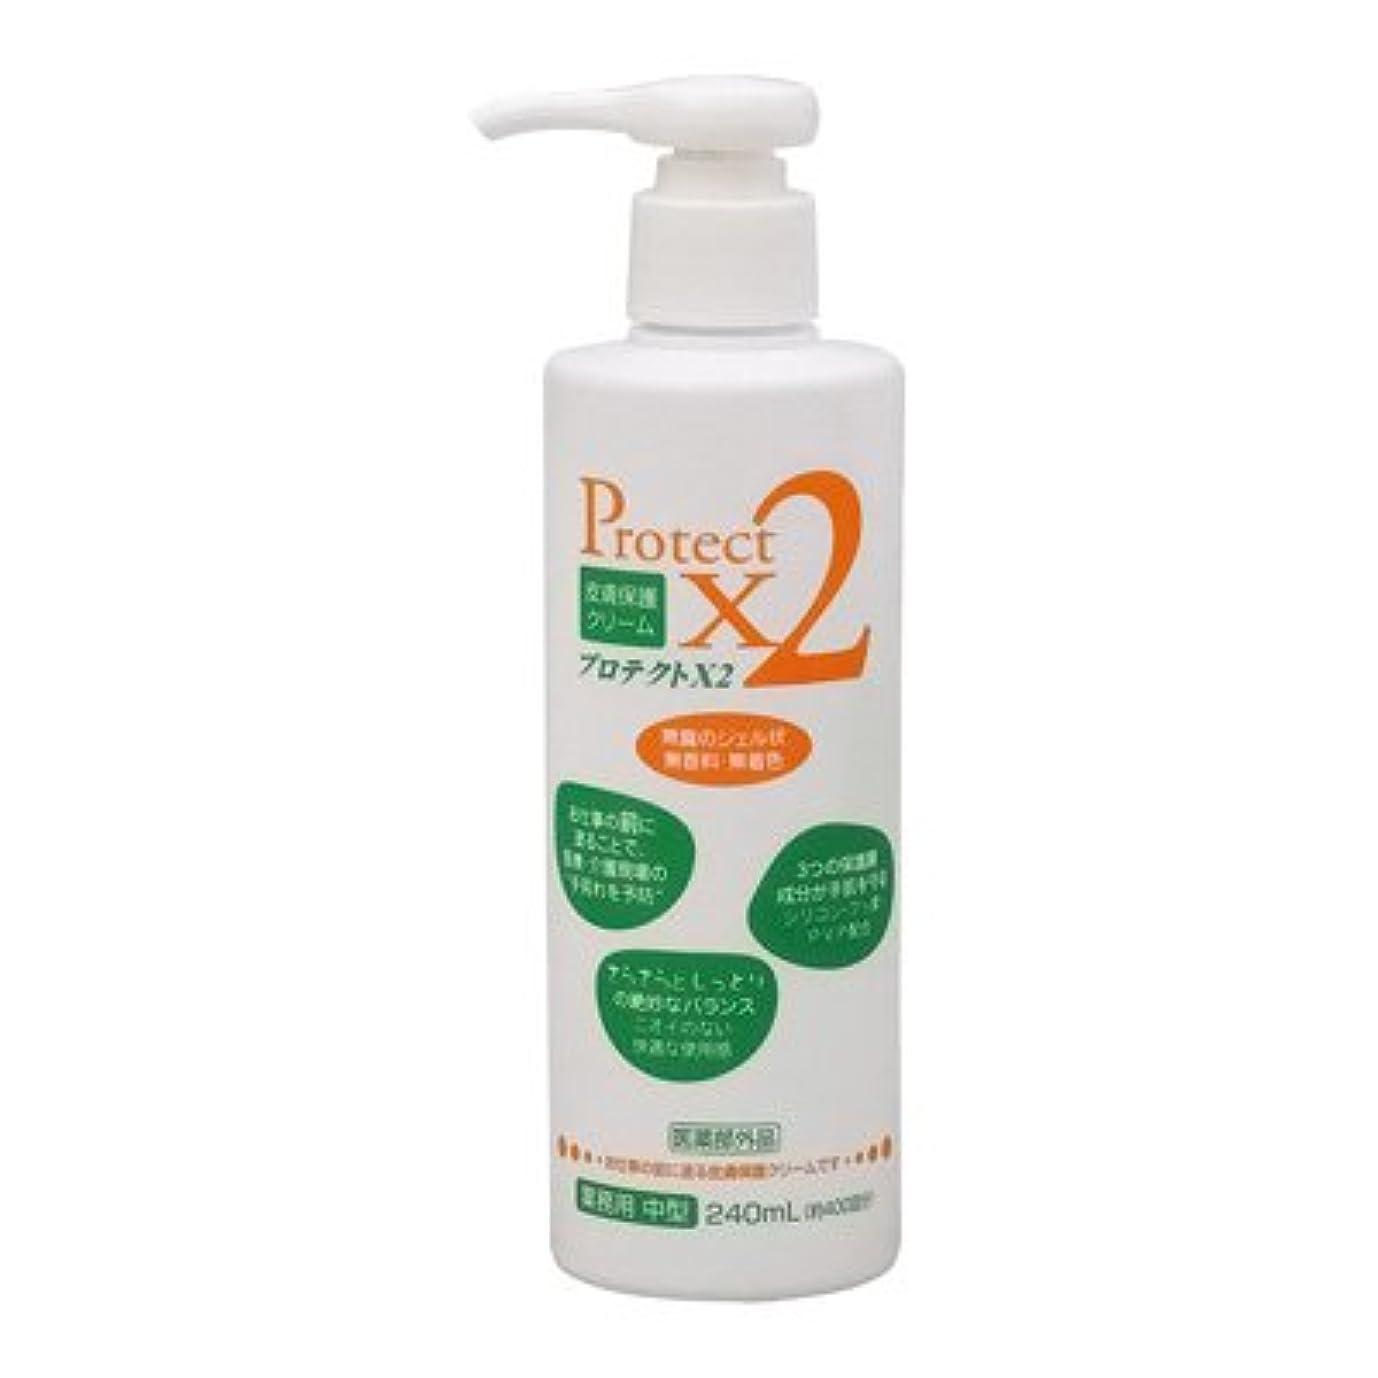 けがをする旋律的取得する皮膚保護クリーム プロテクトX2 240ml(中型)